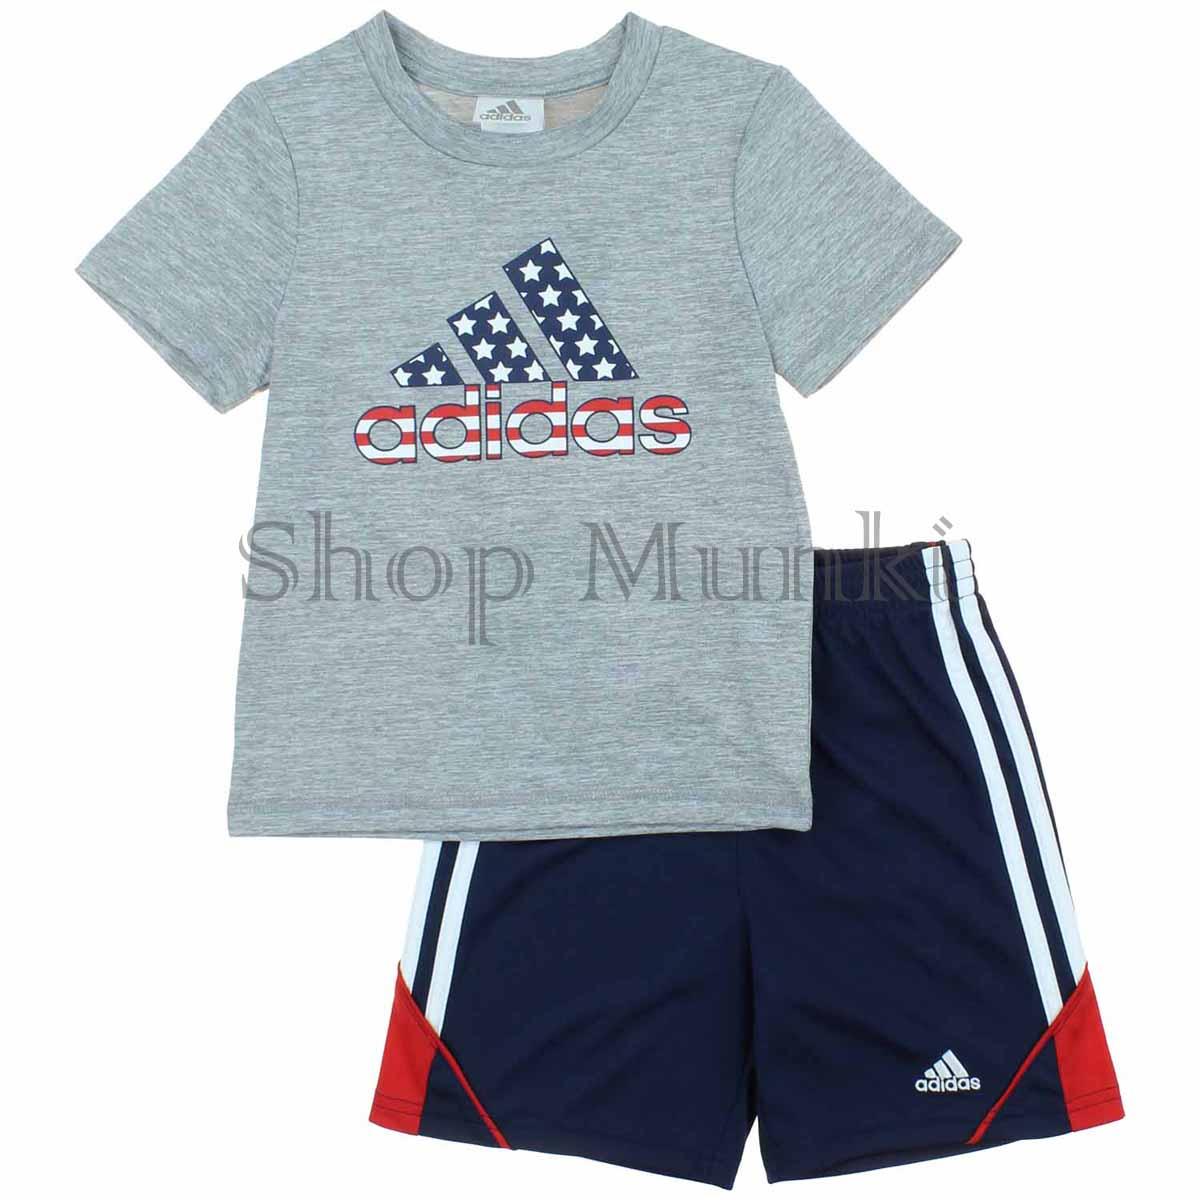 adidas t shirts and shorts